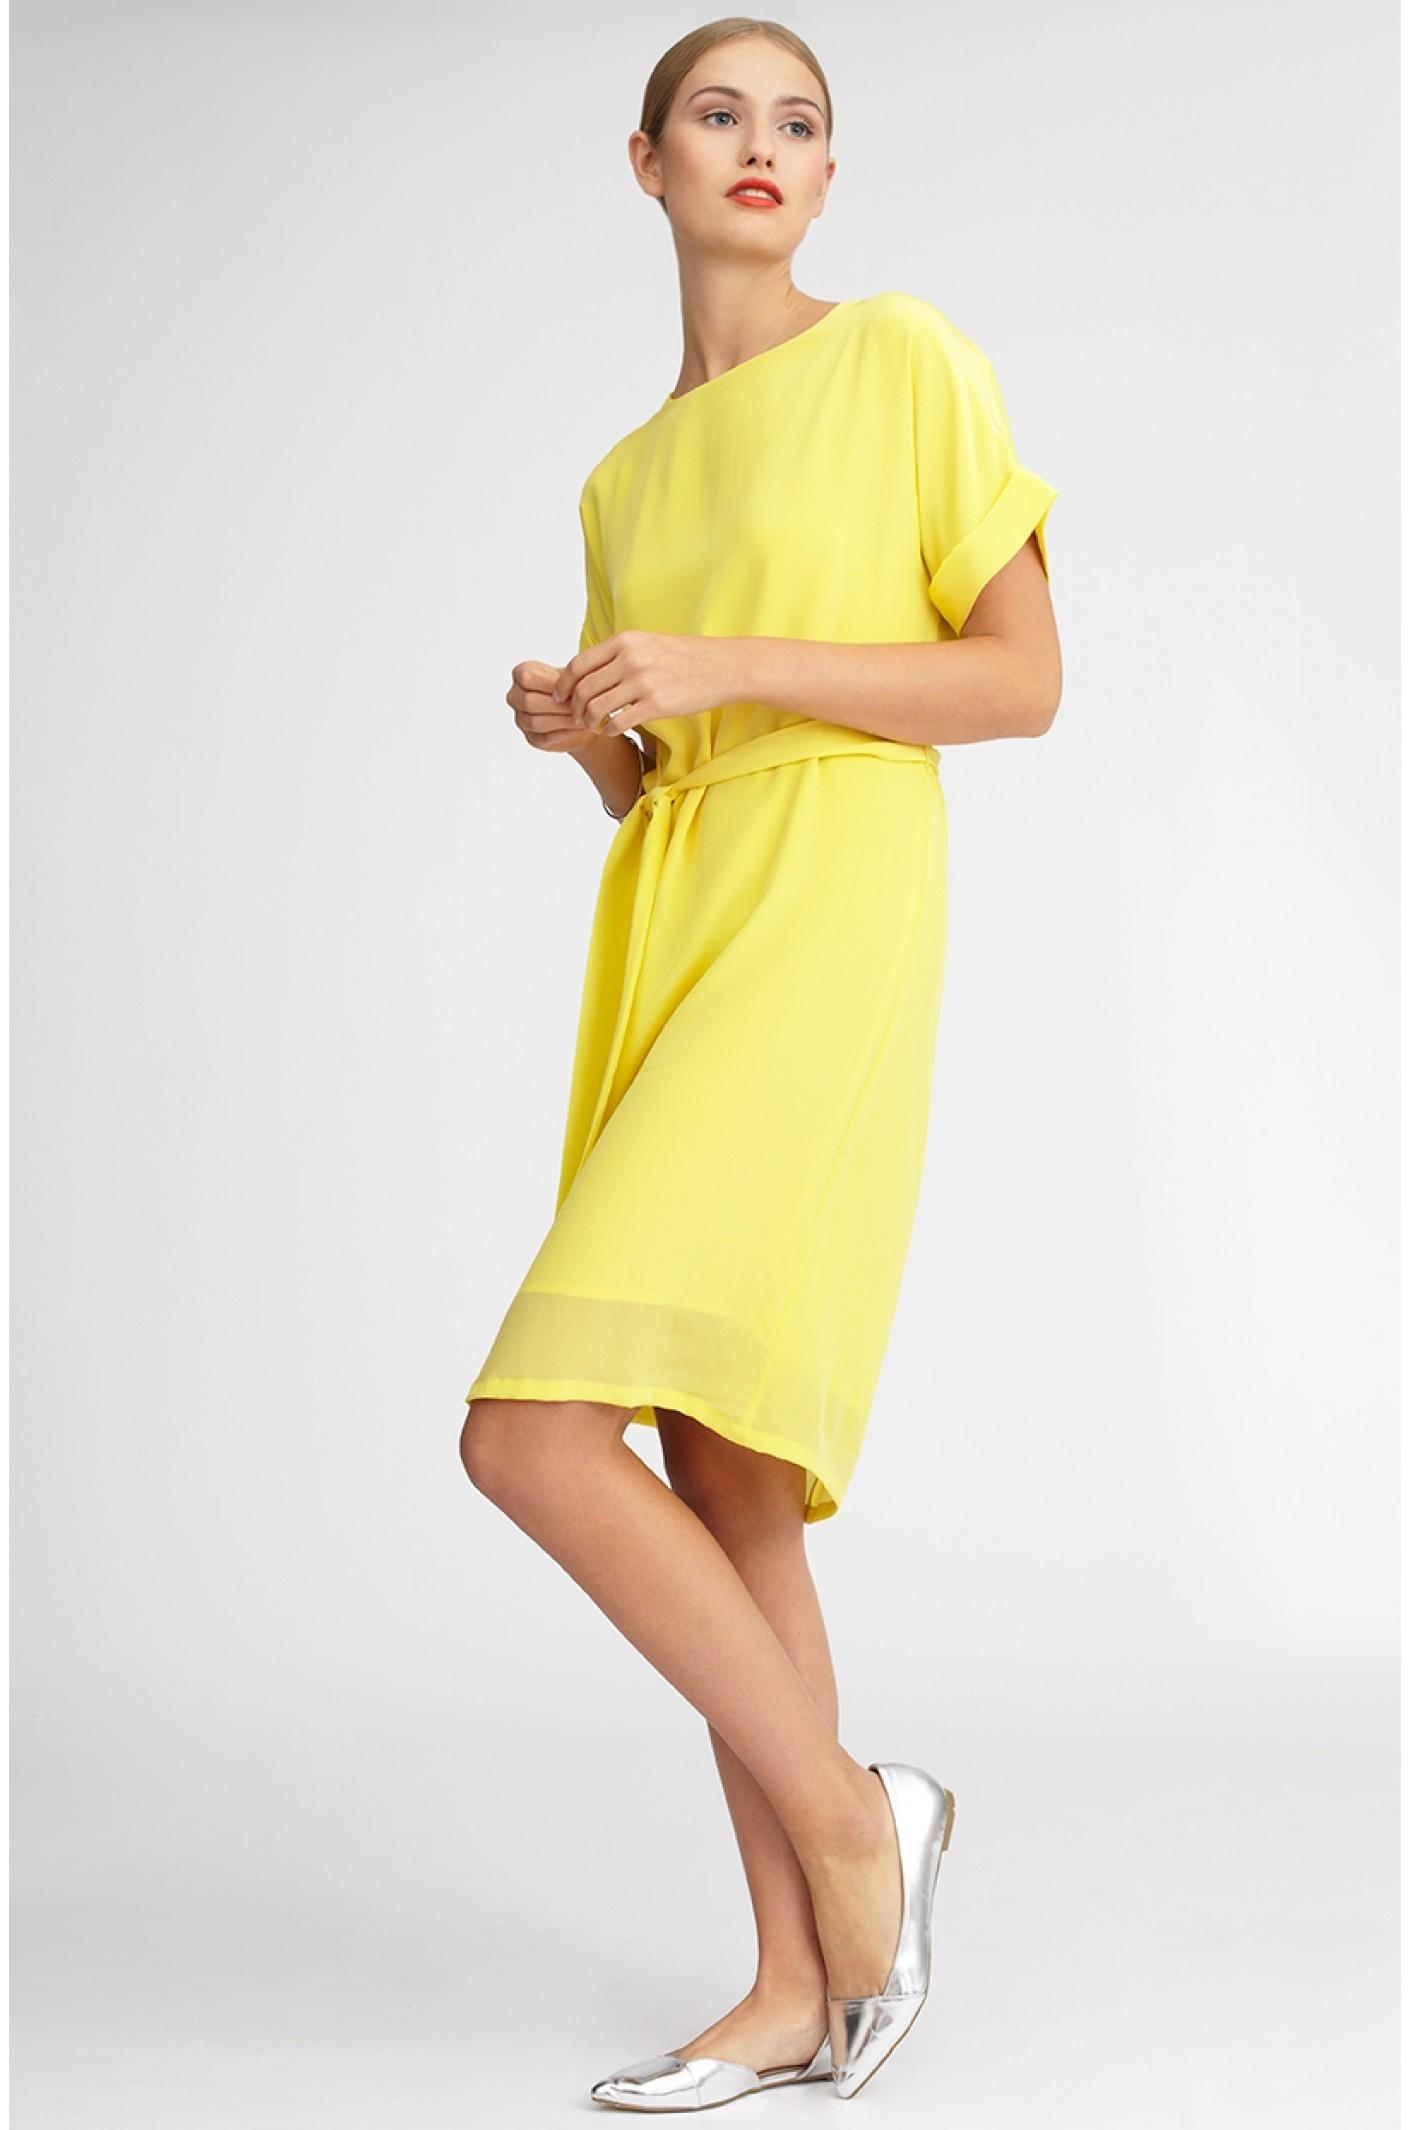 Ausgezeichnet Kleider Stylish20 Wunderbar Kleider Boutique